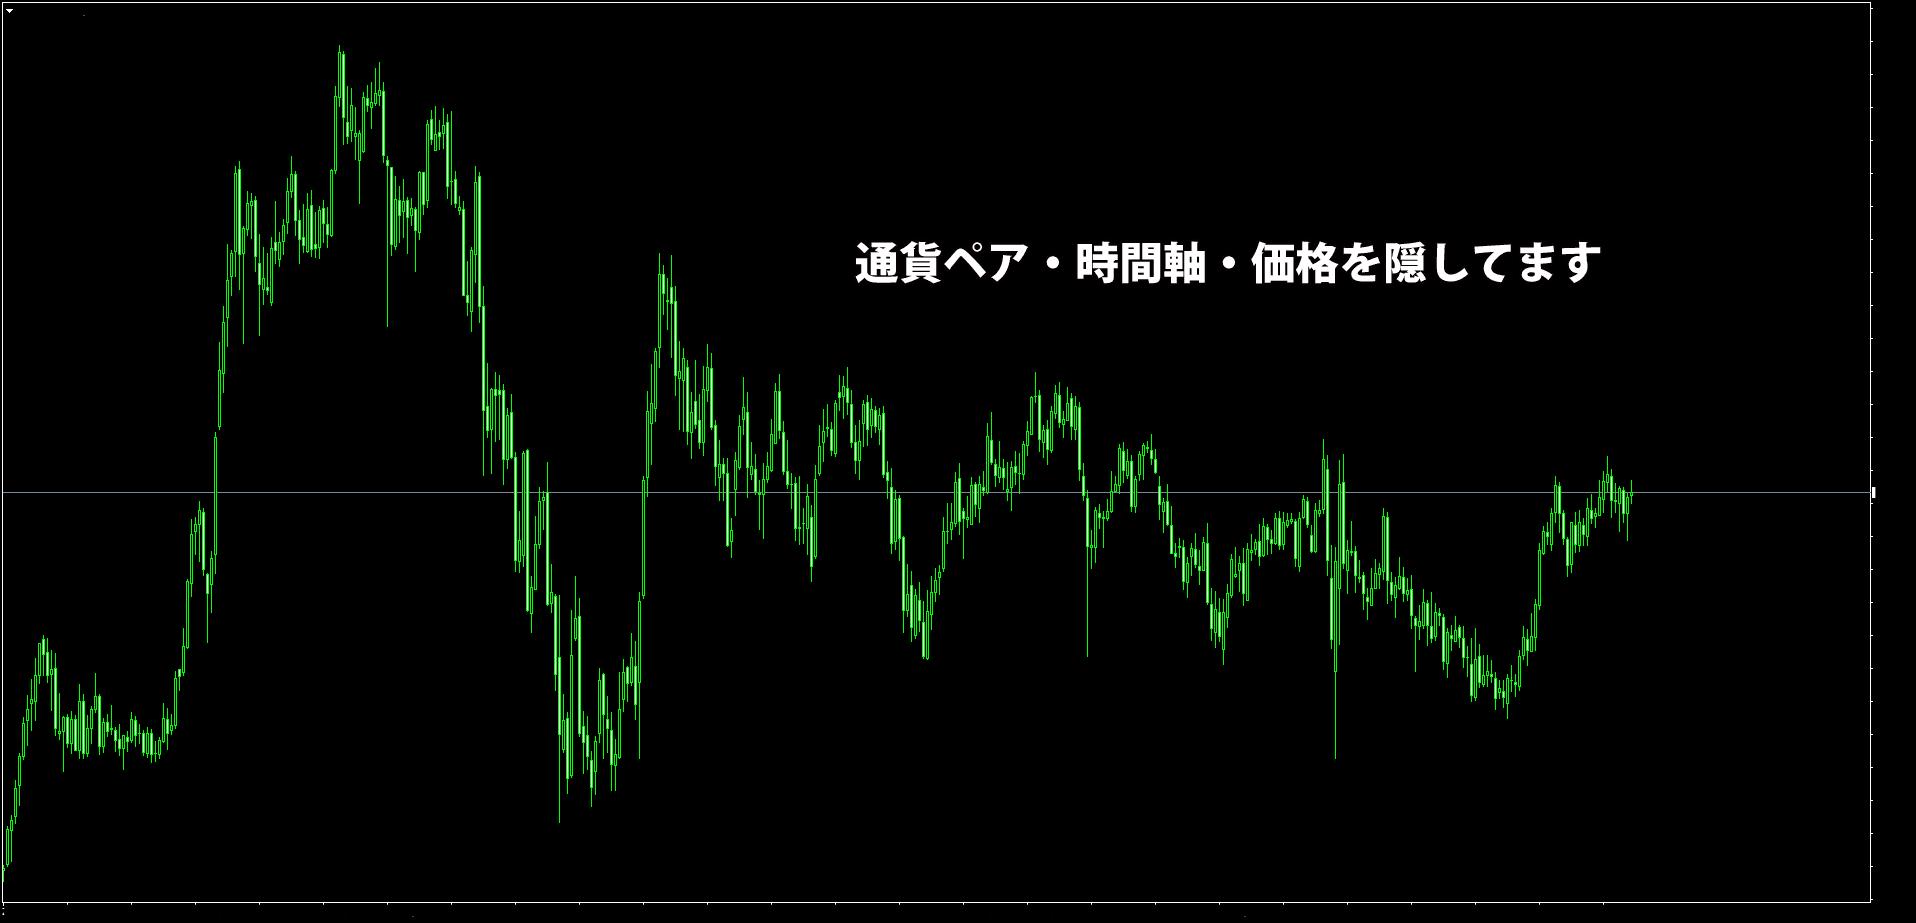 某通貨ペアのチャート